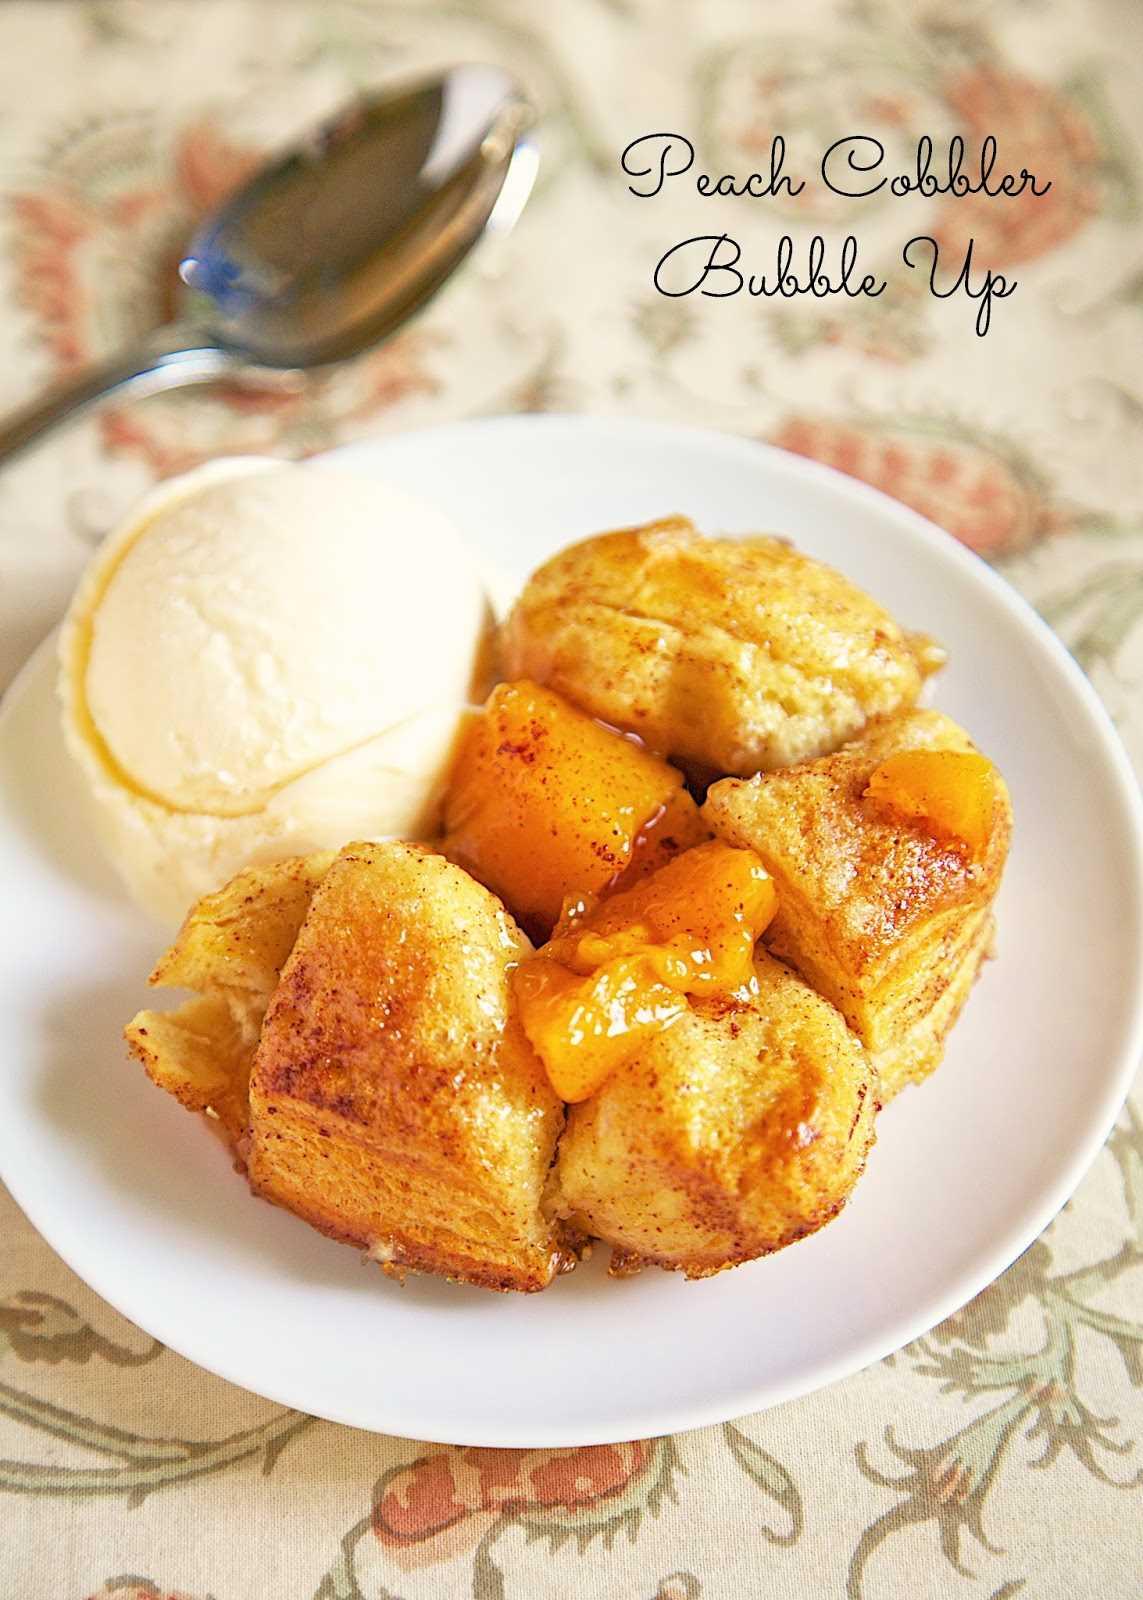 Receta Bubble Up de zapatero de durazno. ¡Esta receta de postre solo tiene 4 ingredientes! Se tarda unos 30 minutos de principio a fin. ¡Nos gusta servir esto ligeramente tibio con una gran bola de helado de vainilla! ¡¡Tan bueno!!